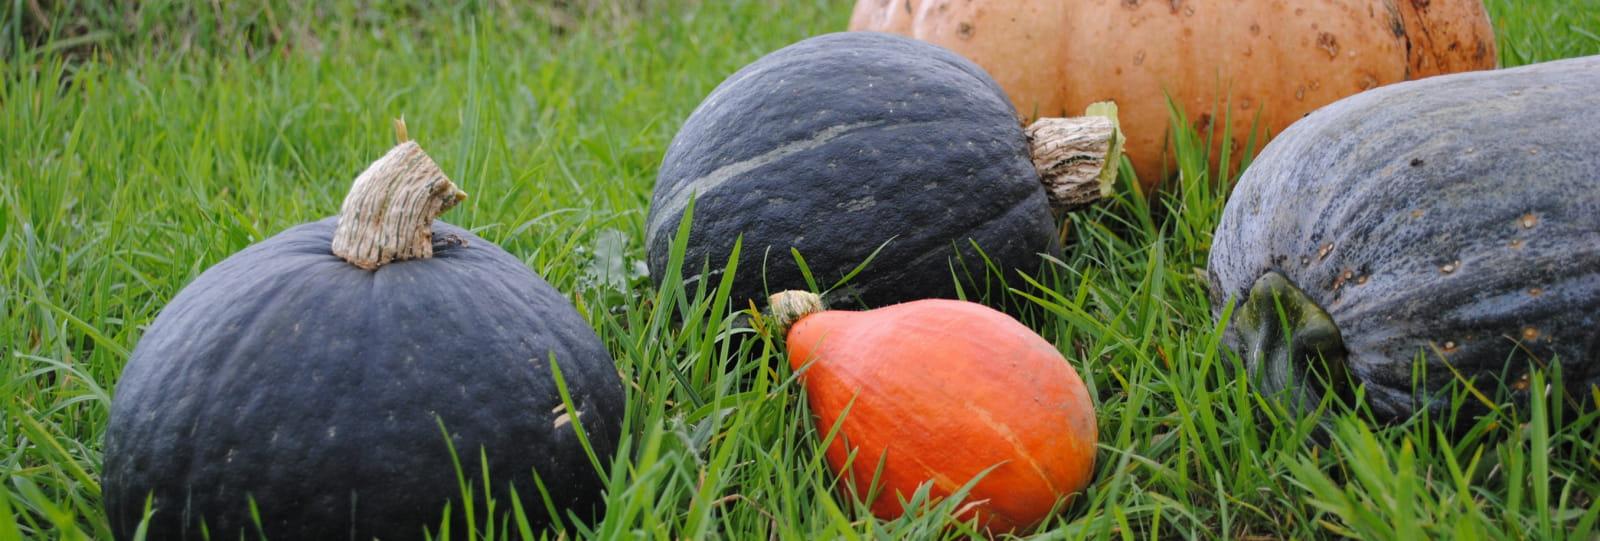 cucurbitaces la pature aux legumes - epinouze